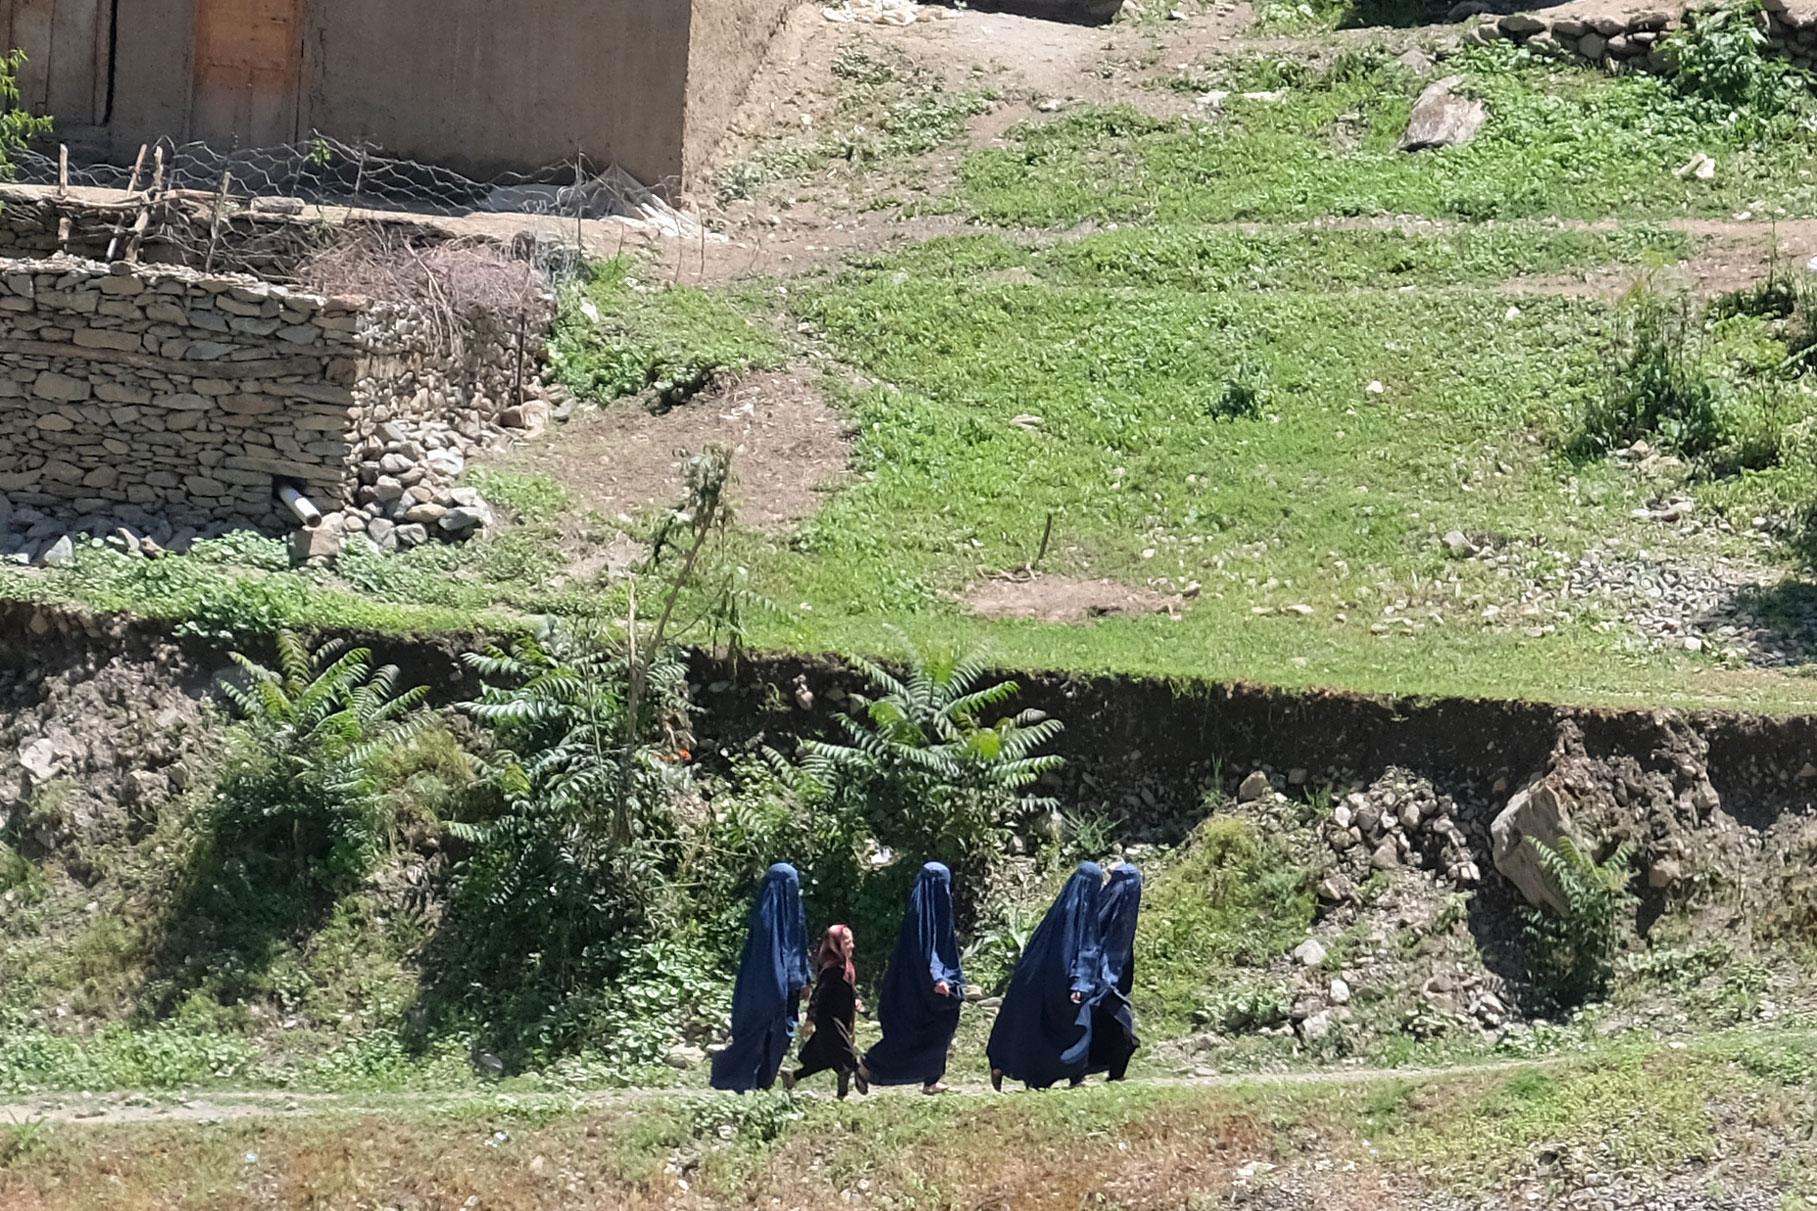 Trotzdem - Afghanistan fasziniert uns. Dort sind diese Schulmädchen mit Burka bekleidet.